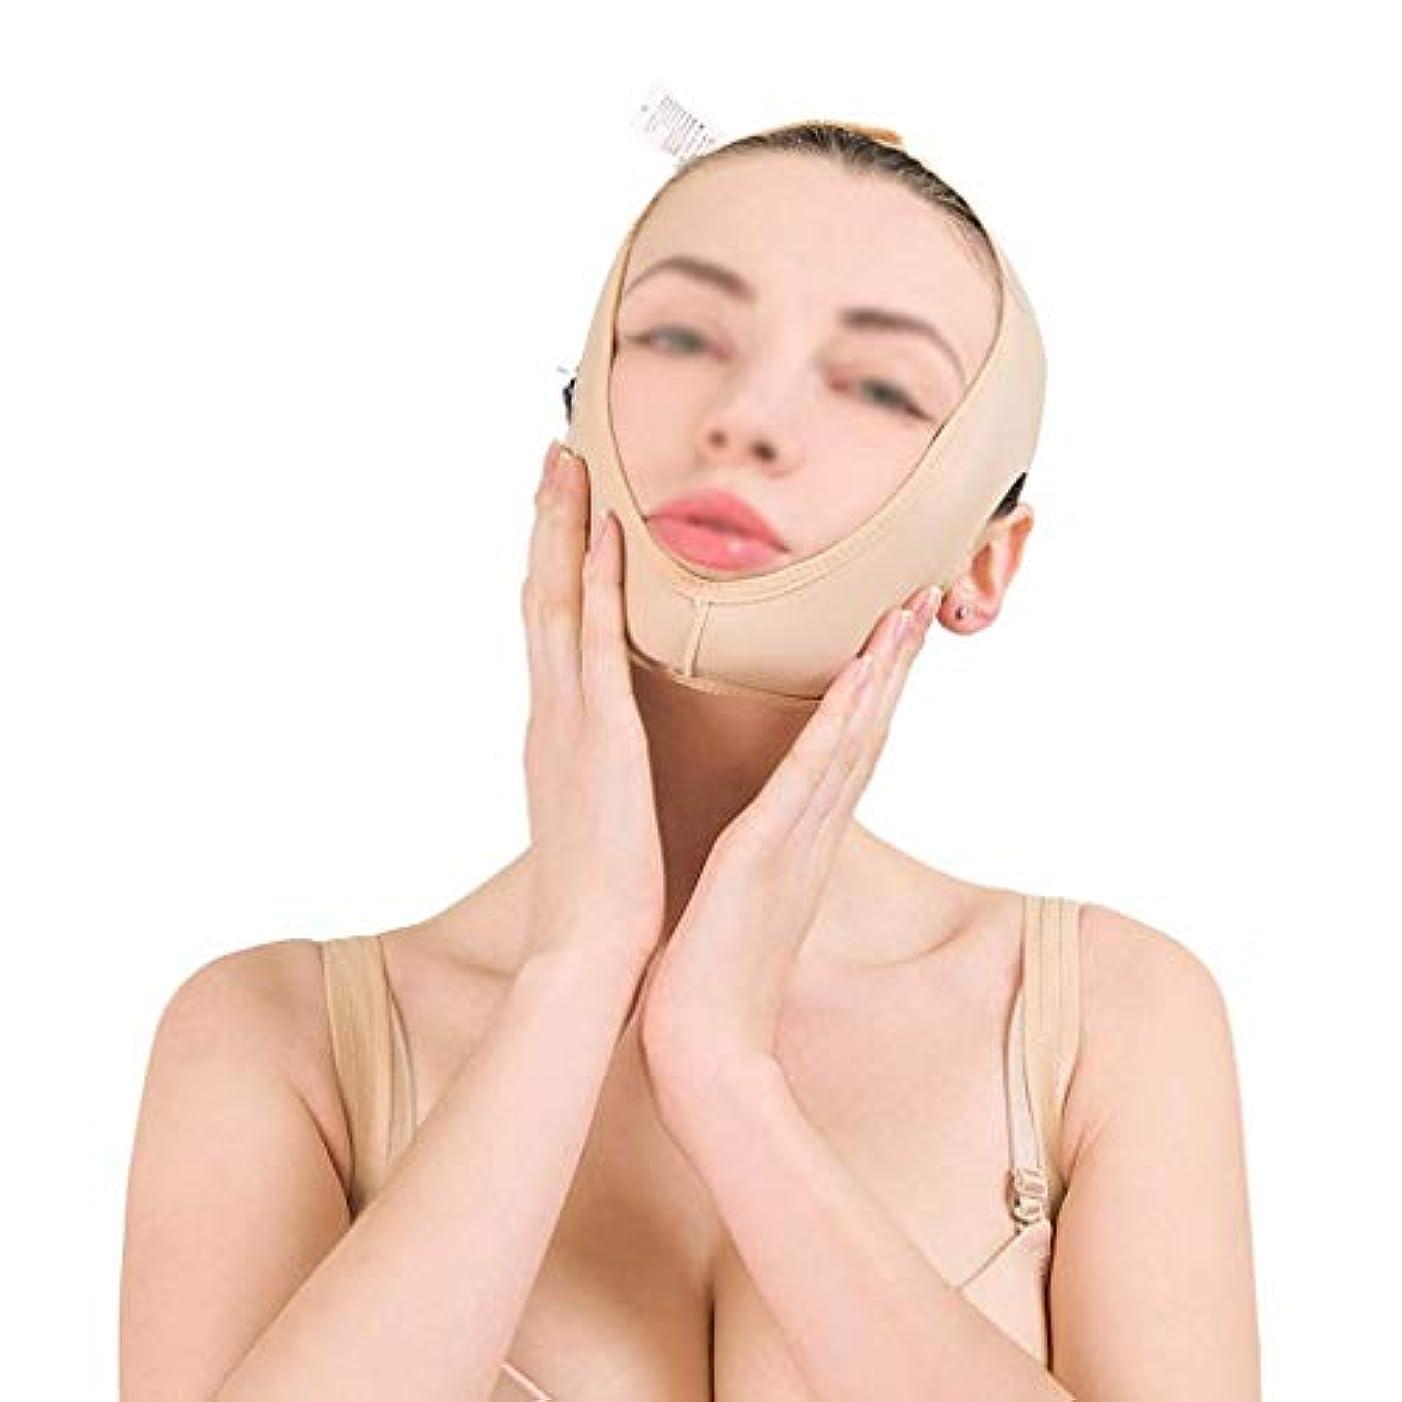 高音同行するリーズマスク減量、肌の包帯を引き締めるリフティングフェイスバンド、フェイスリフティング、ダブルチンビューティバンデージ、フェイスリフト(サイズ:L),XL